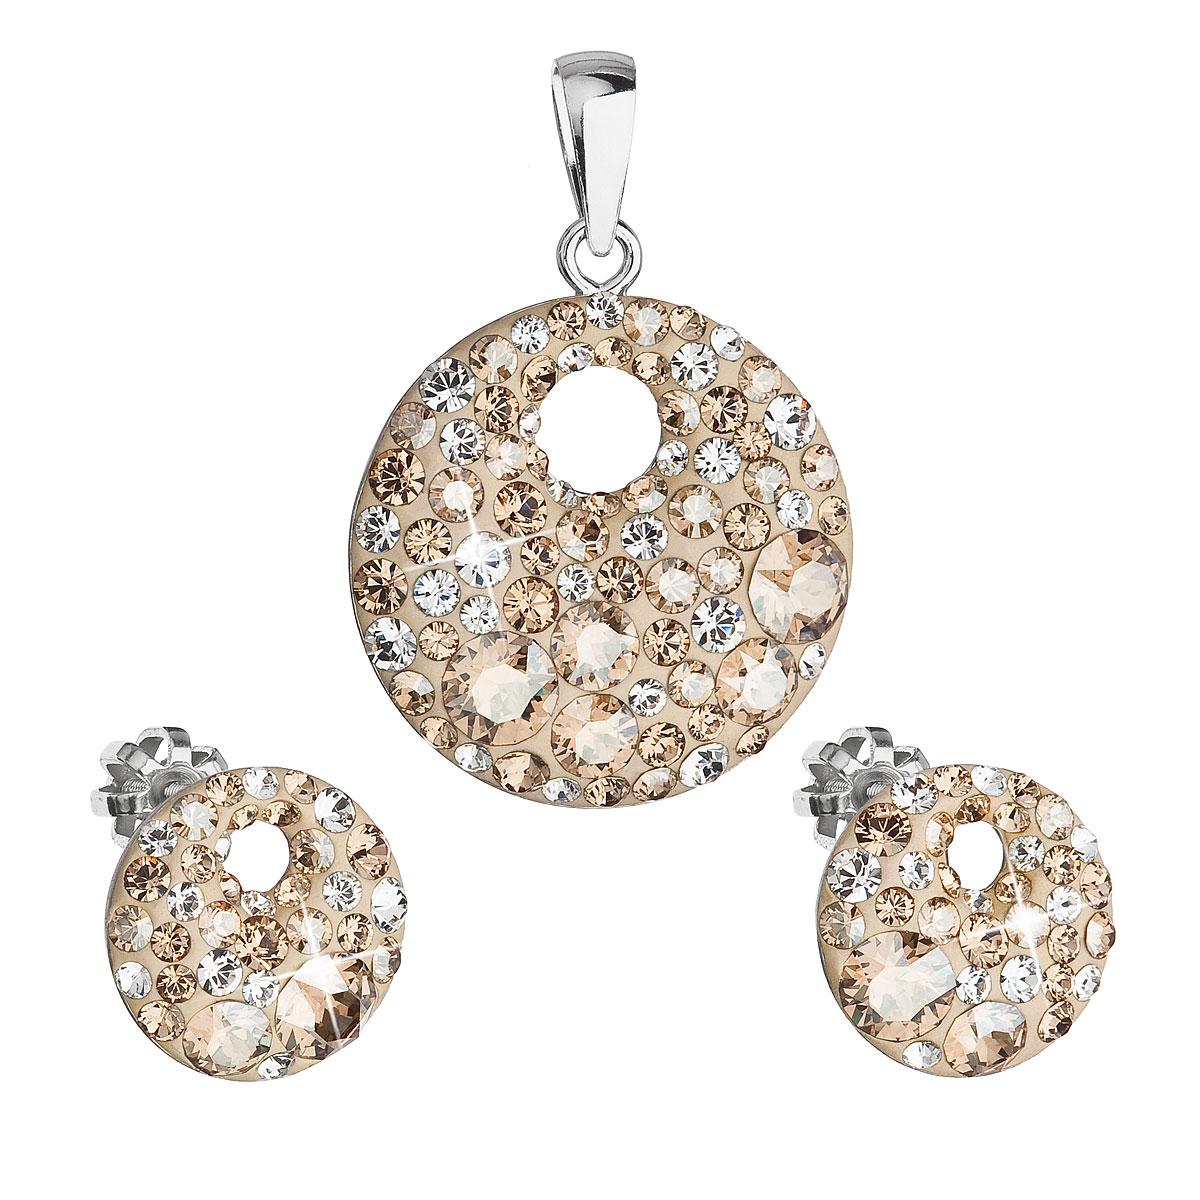 Evolution Group Sada šperků s krystaly Swarovski náušnice a přívěsek zlaté kulaté 39148.5, dárkové balení